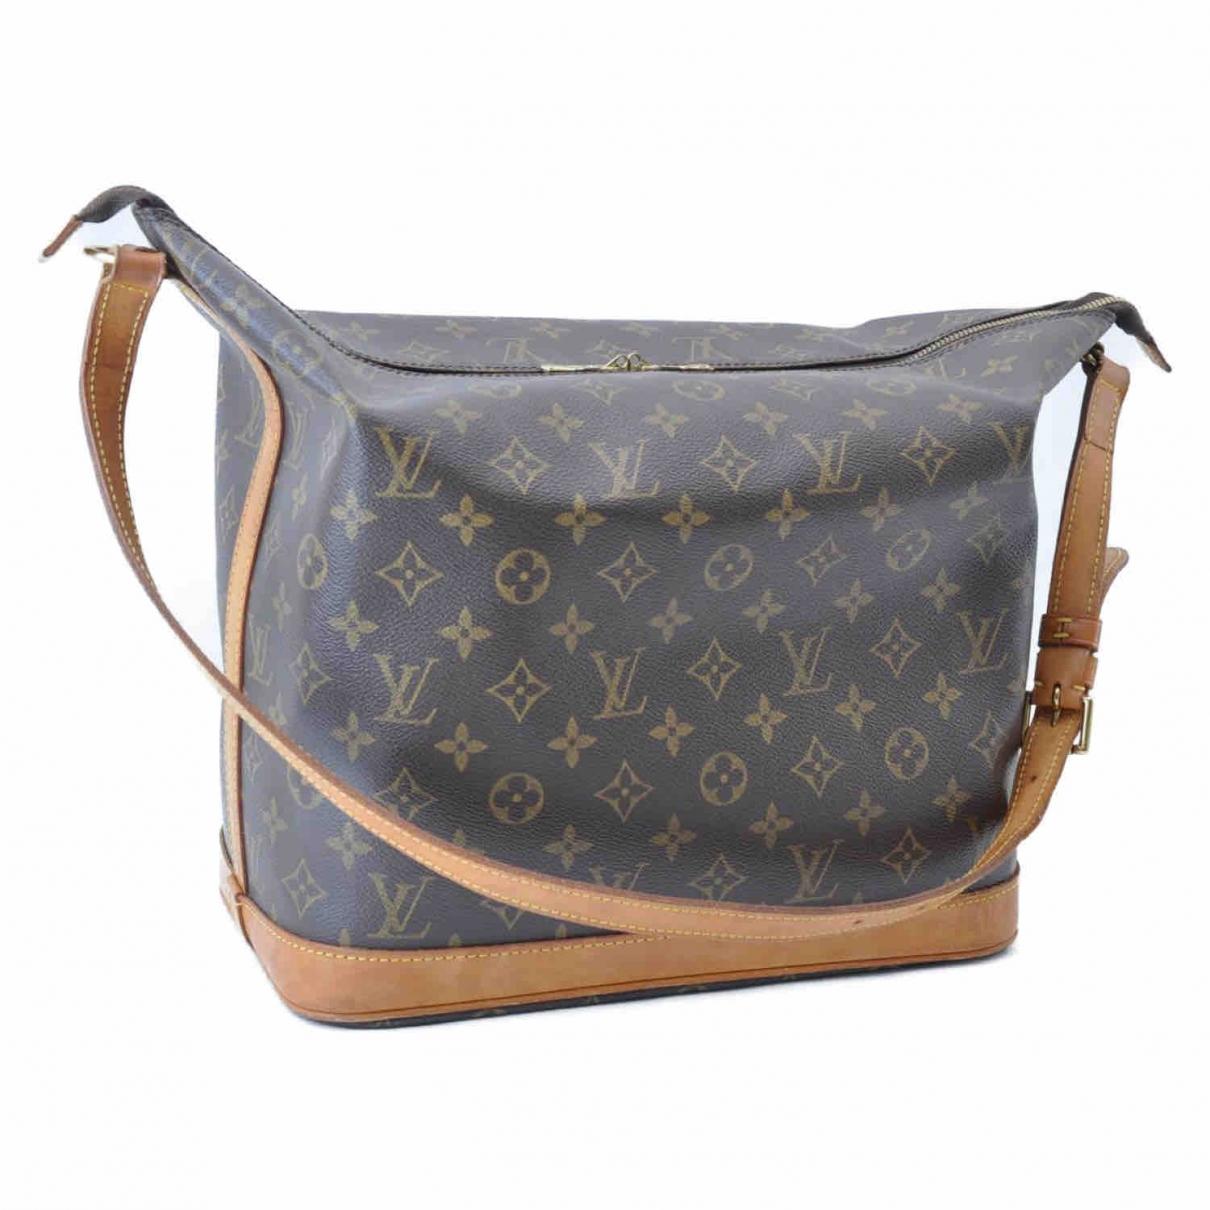 Louis Vuitton Amfar Handtasche in  Braun Leinen